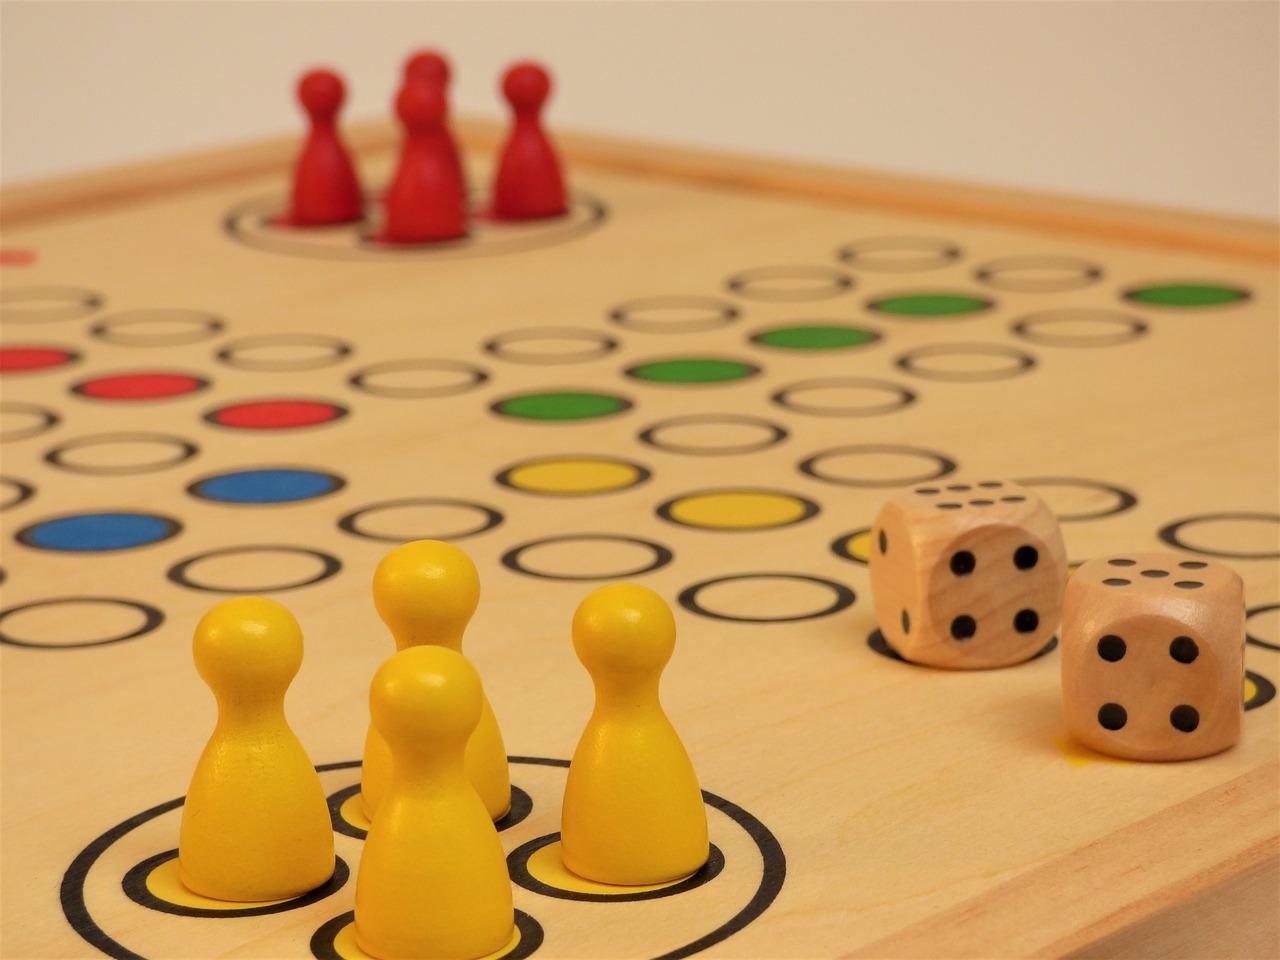 juegos-de-mesa-en-familia